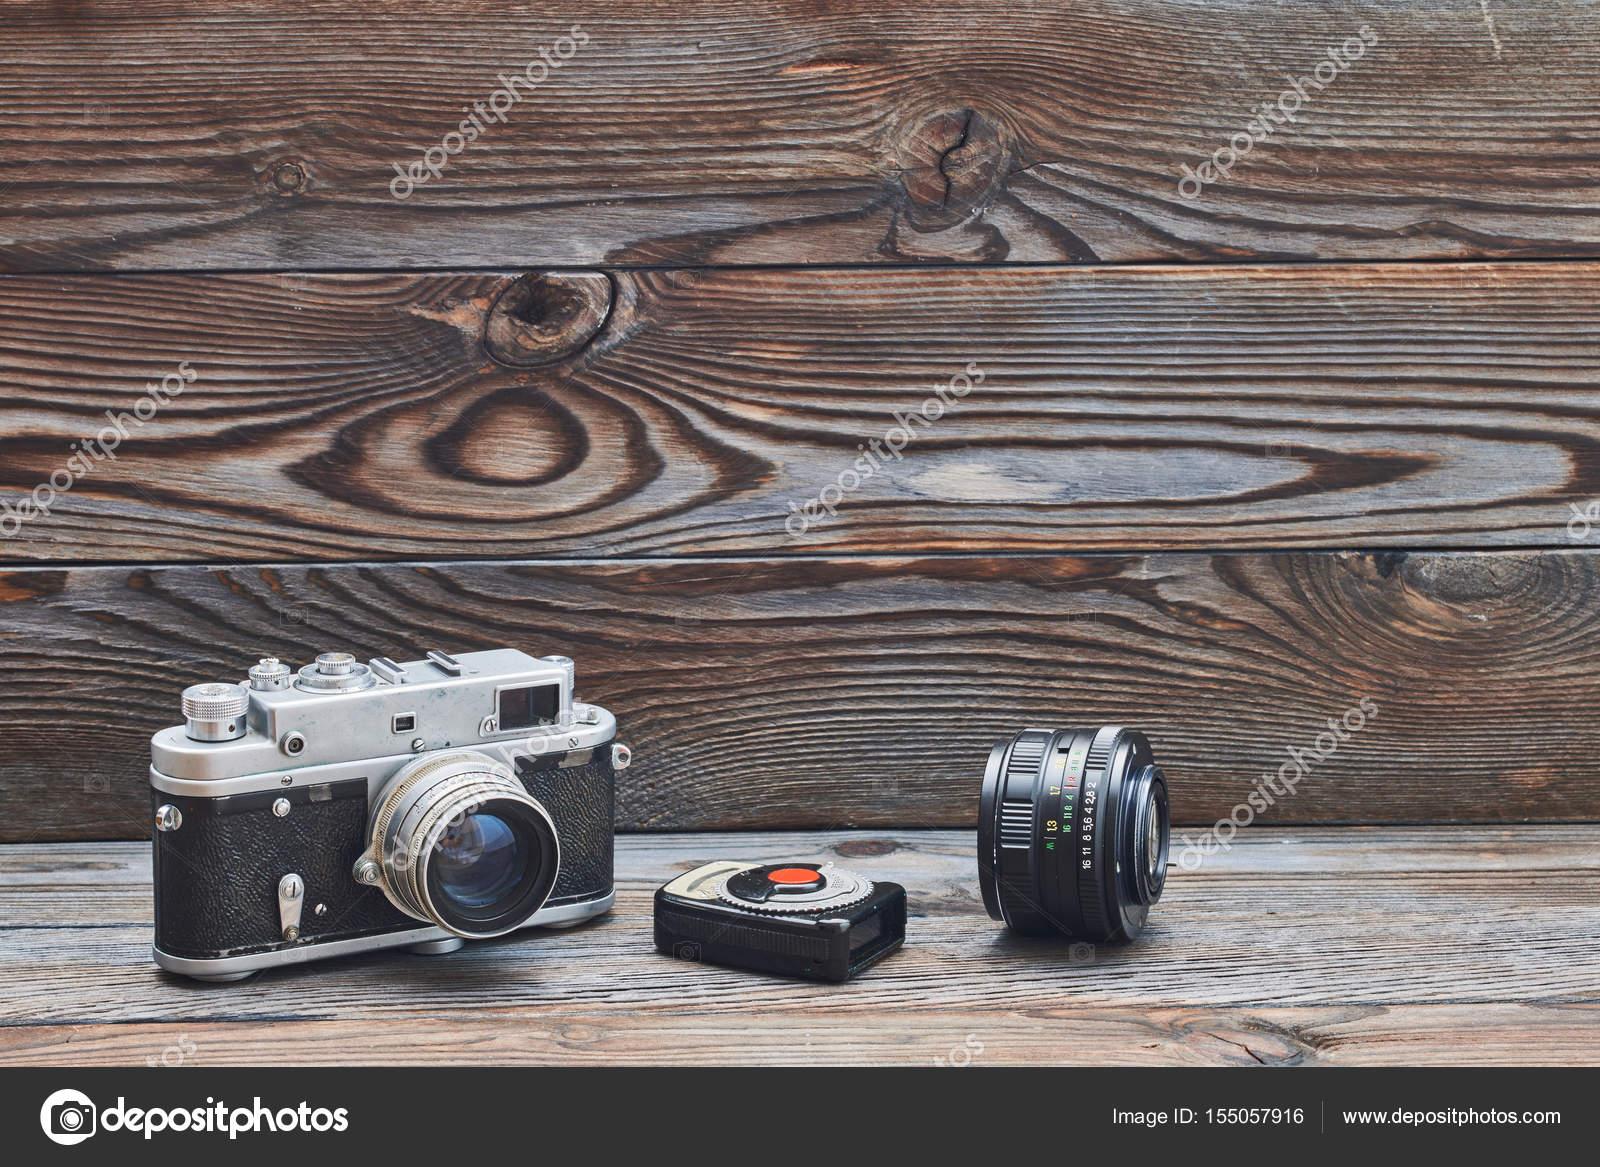 Entfernungsmesser kamera und belichtungsmesser u2014 stockfoto